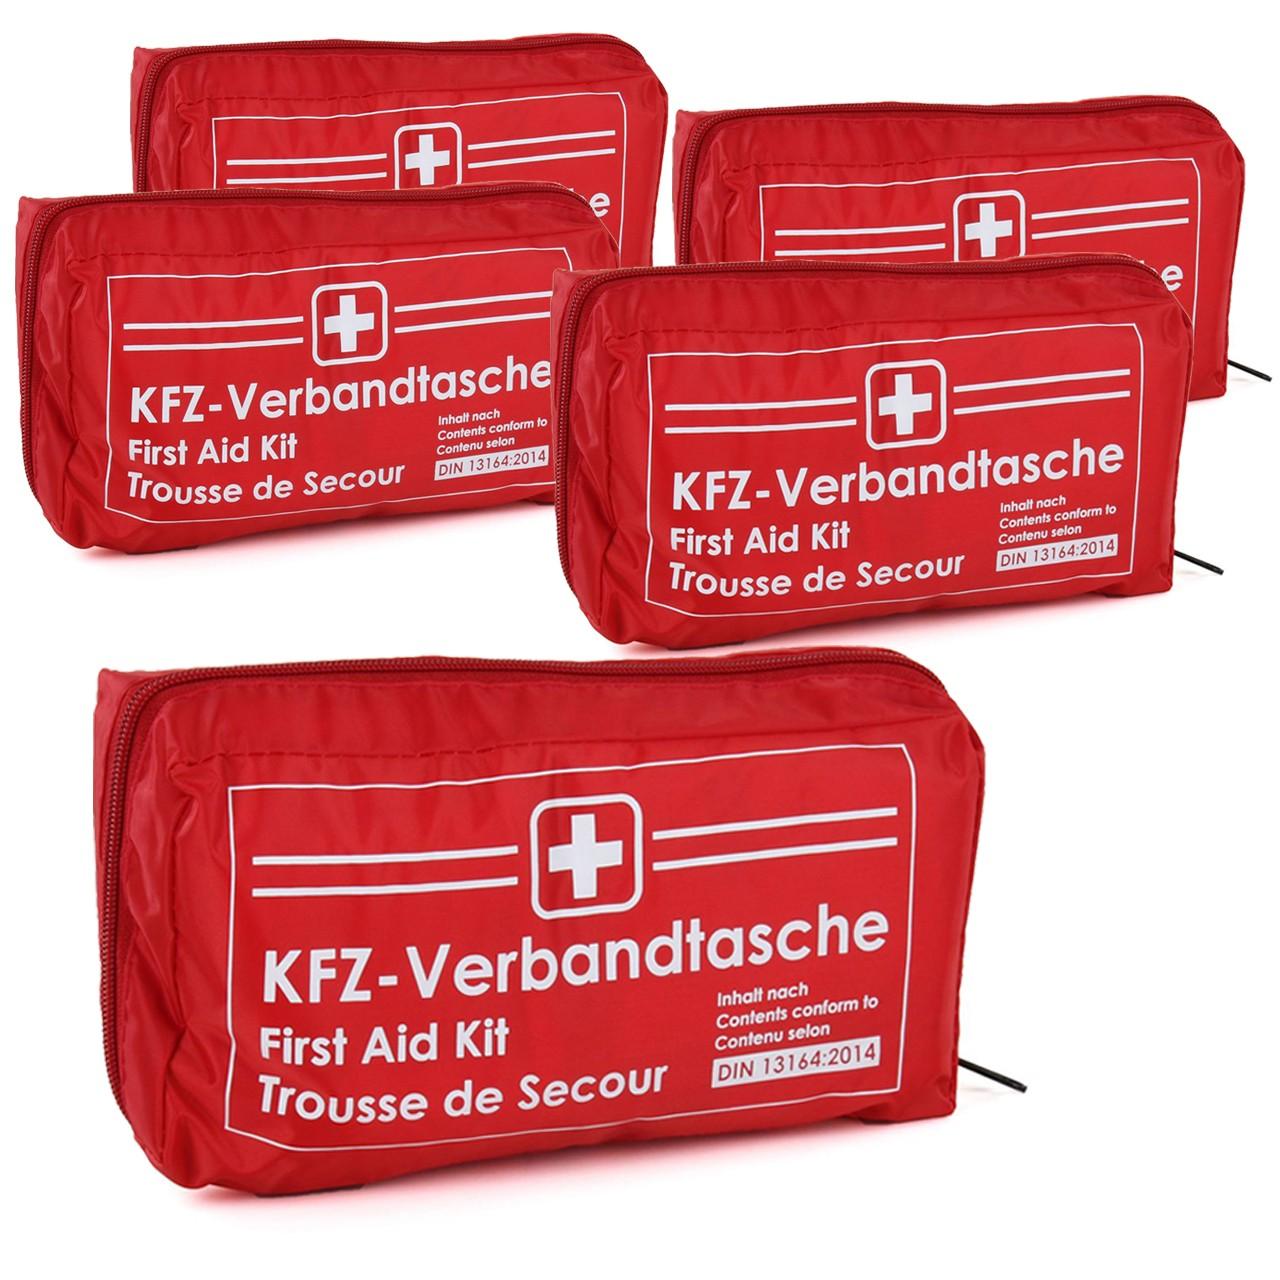 5x KFZ Auto Verbandkasten Verbandskasten ROT Erste Hilfe DIN 13164 MHD 12.2025